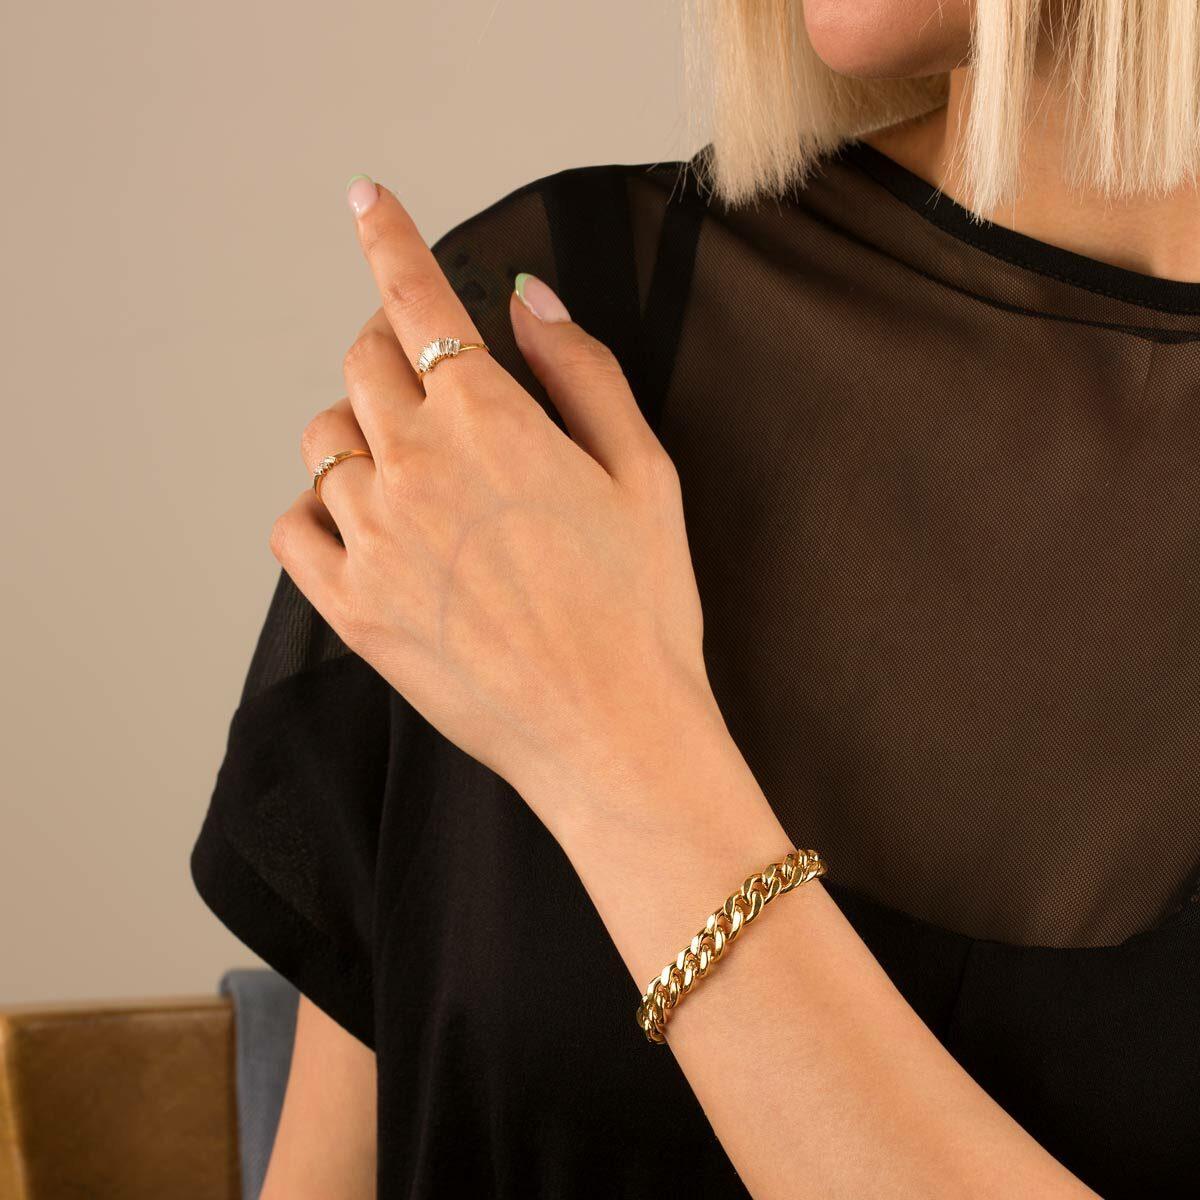 دستبند زنجیری طلا کارتیه 10 میلی متری